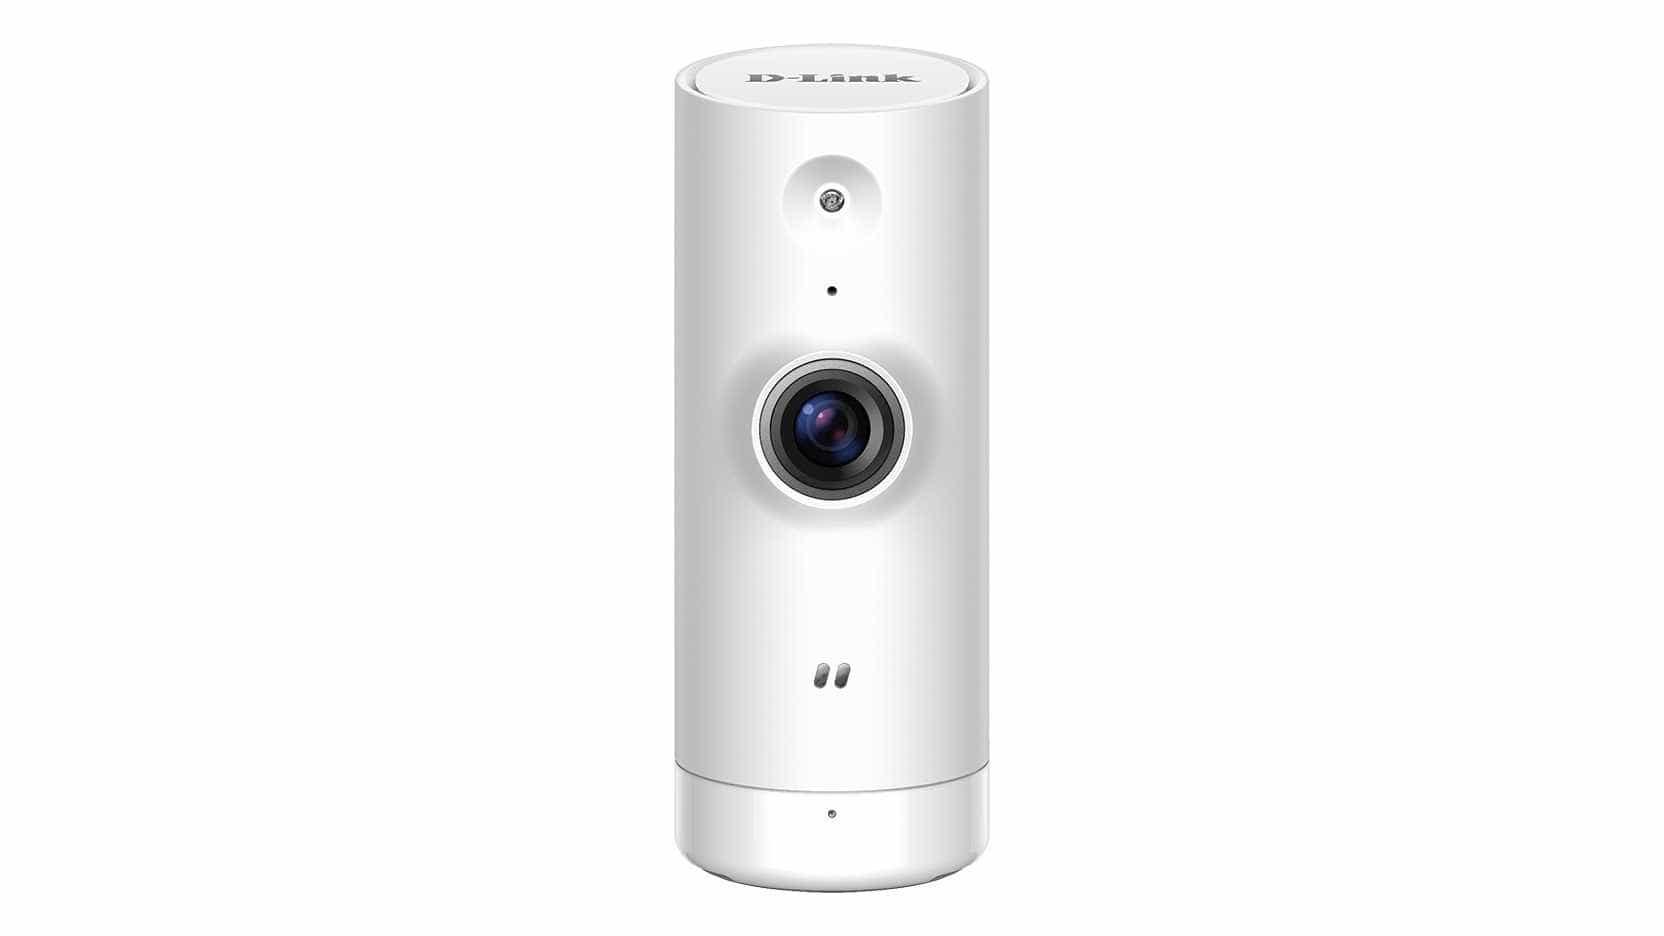 D-Link lança câmera que permite gravar imagens na nuvem; conheça